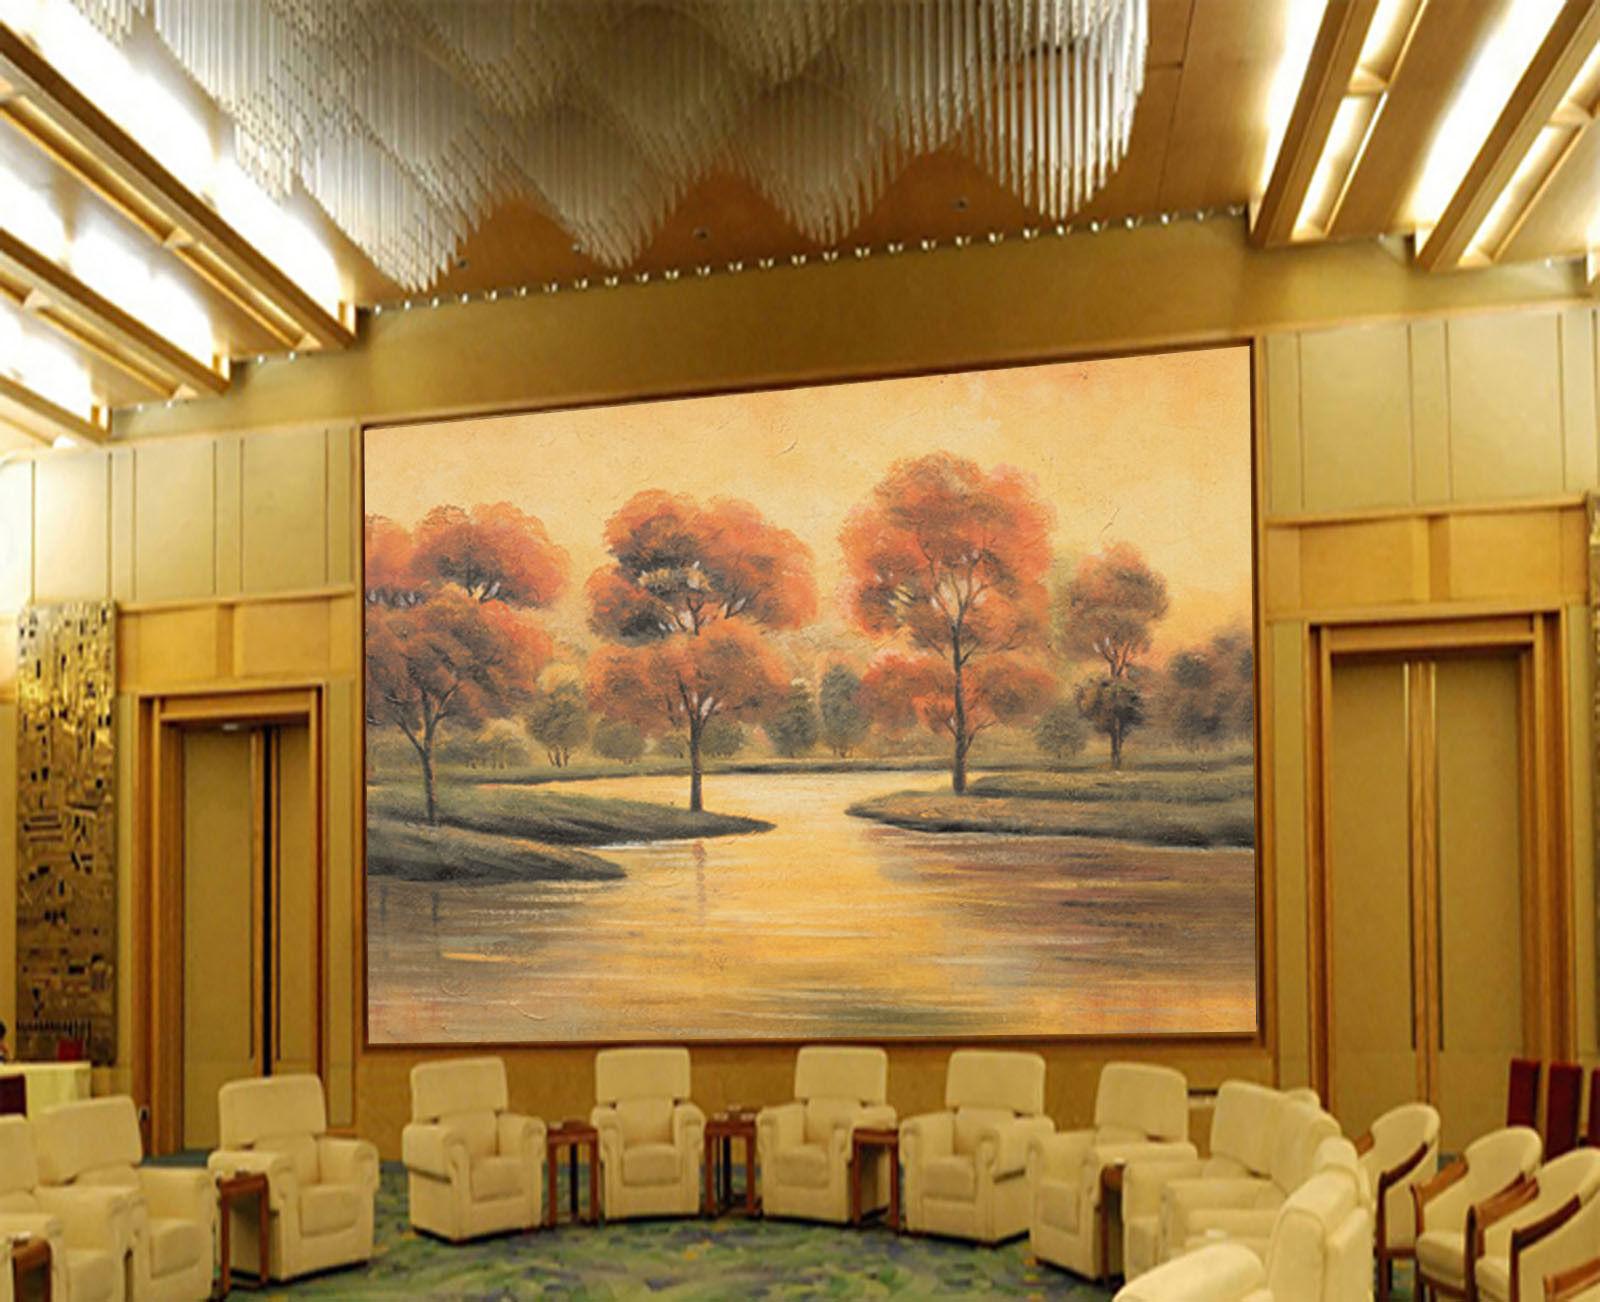 3D 3D 3D Flussufer Bäume 84 Tapete Wandgemälde Tapete Tapeten Bild Familie DE Summer | Sonderaktionen zum Jahresende  52449d